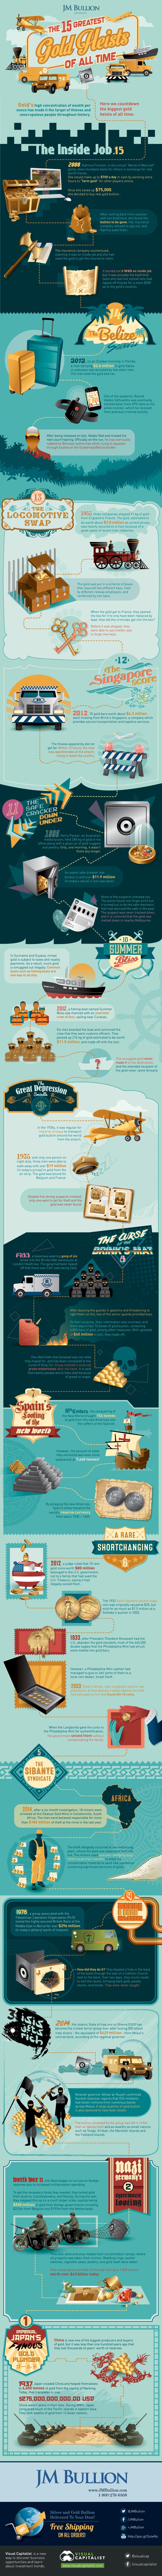 一图看清史上15大黄金抢劫案